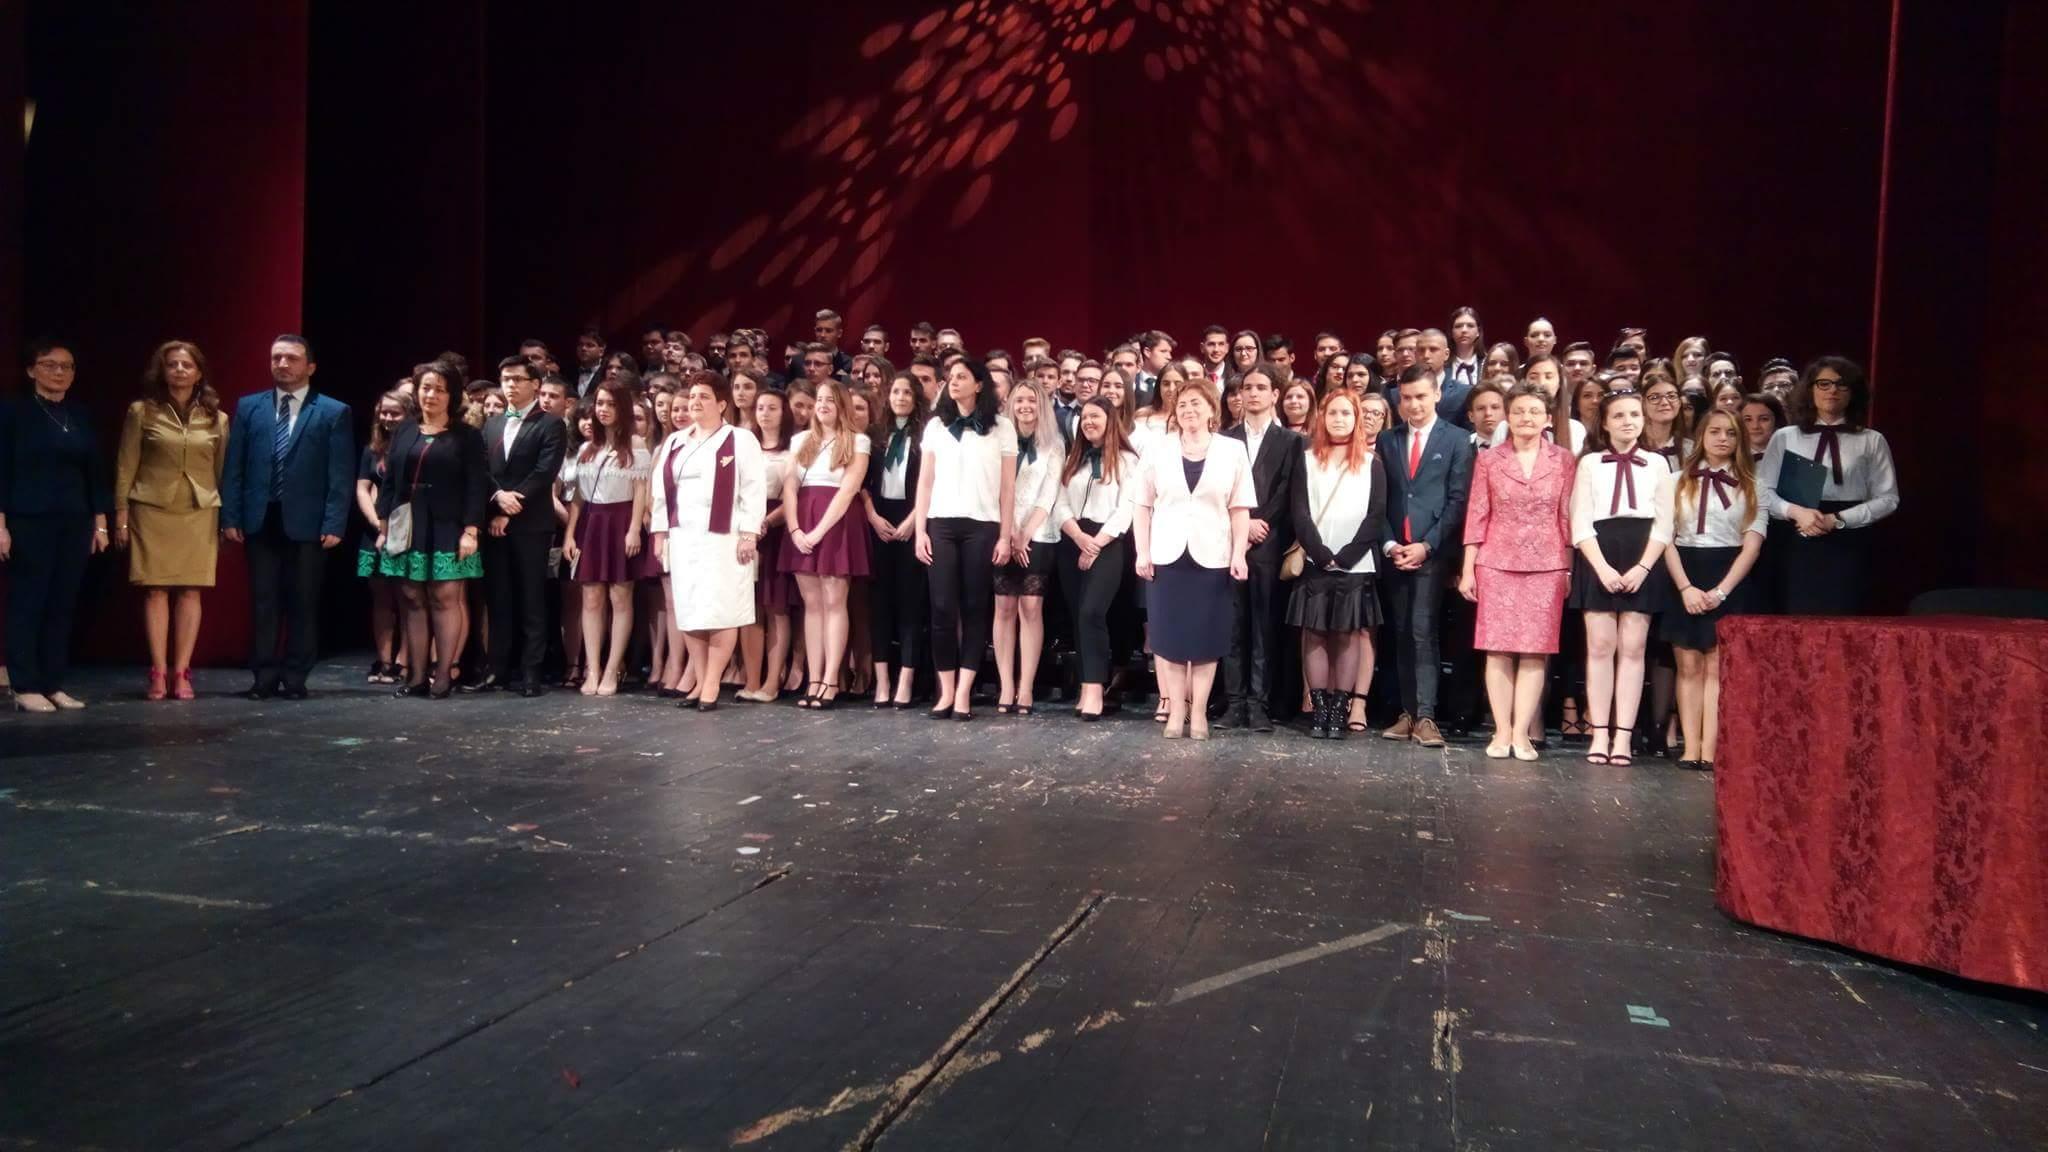 Festivitate absolvire Eminescu 2017 Oradea